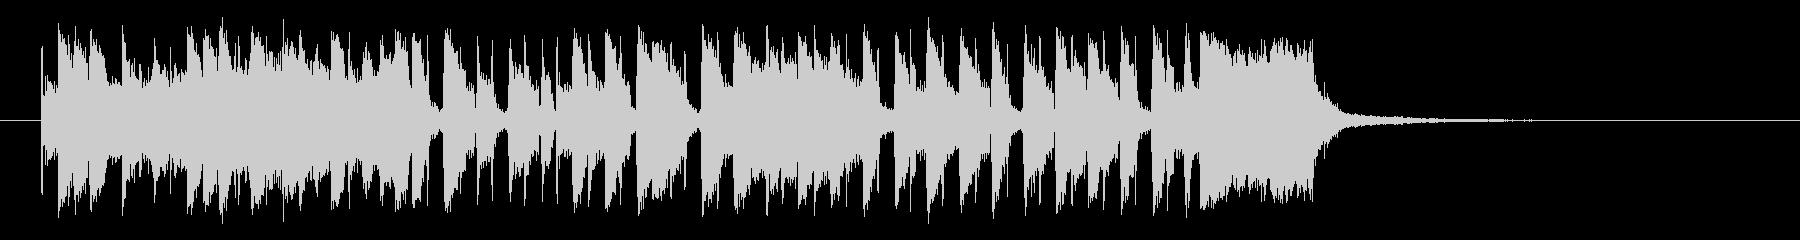 夏をイメージする30秒のスカ・レゲエの未再生の波形